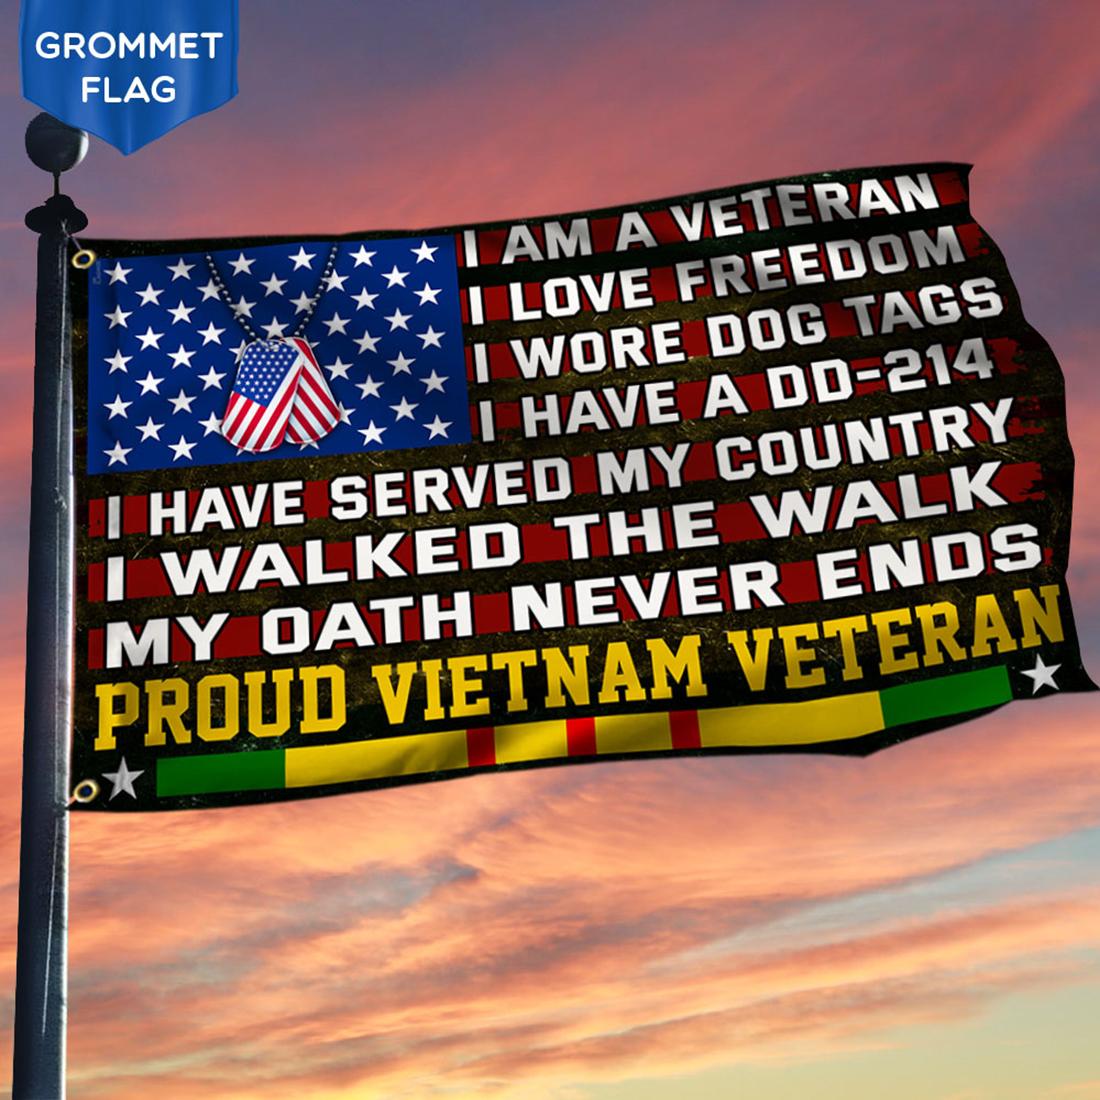 I'm a veteran I love freedom I walked the walk flag